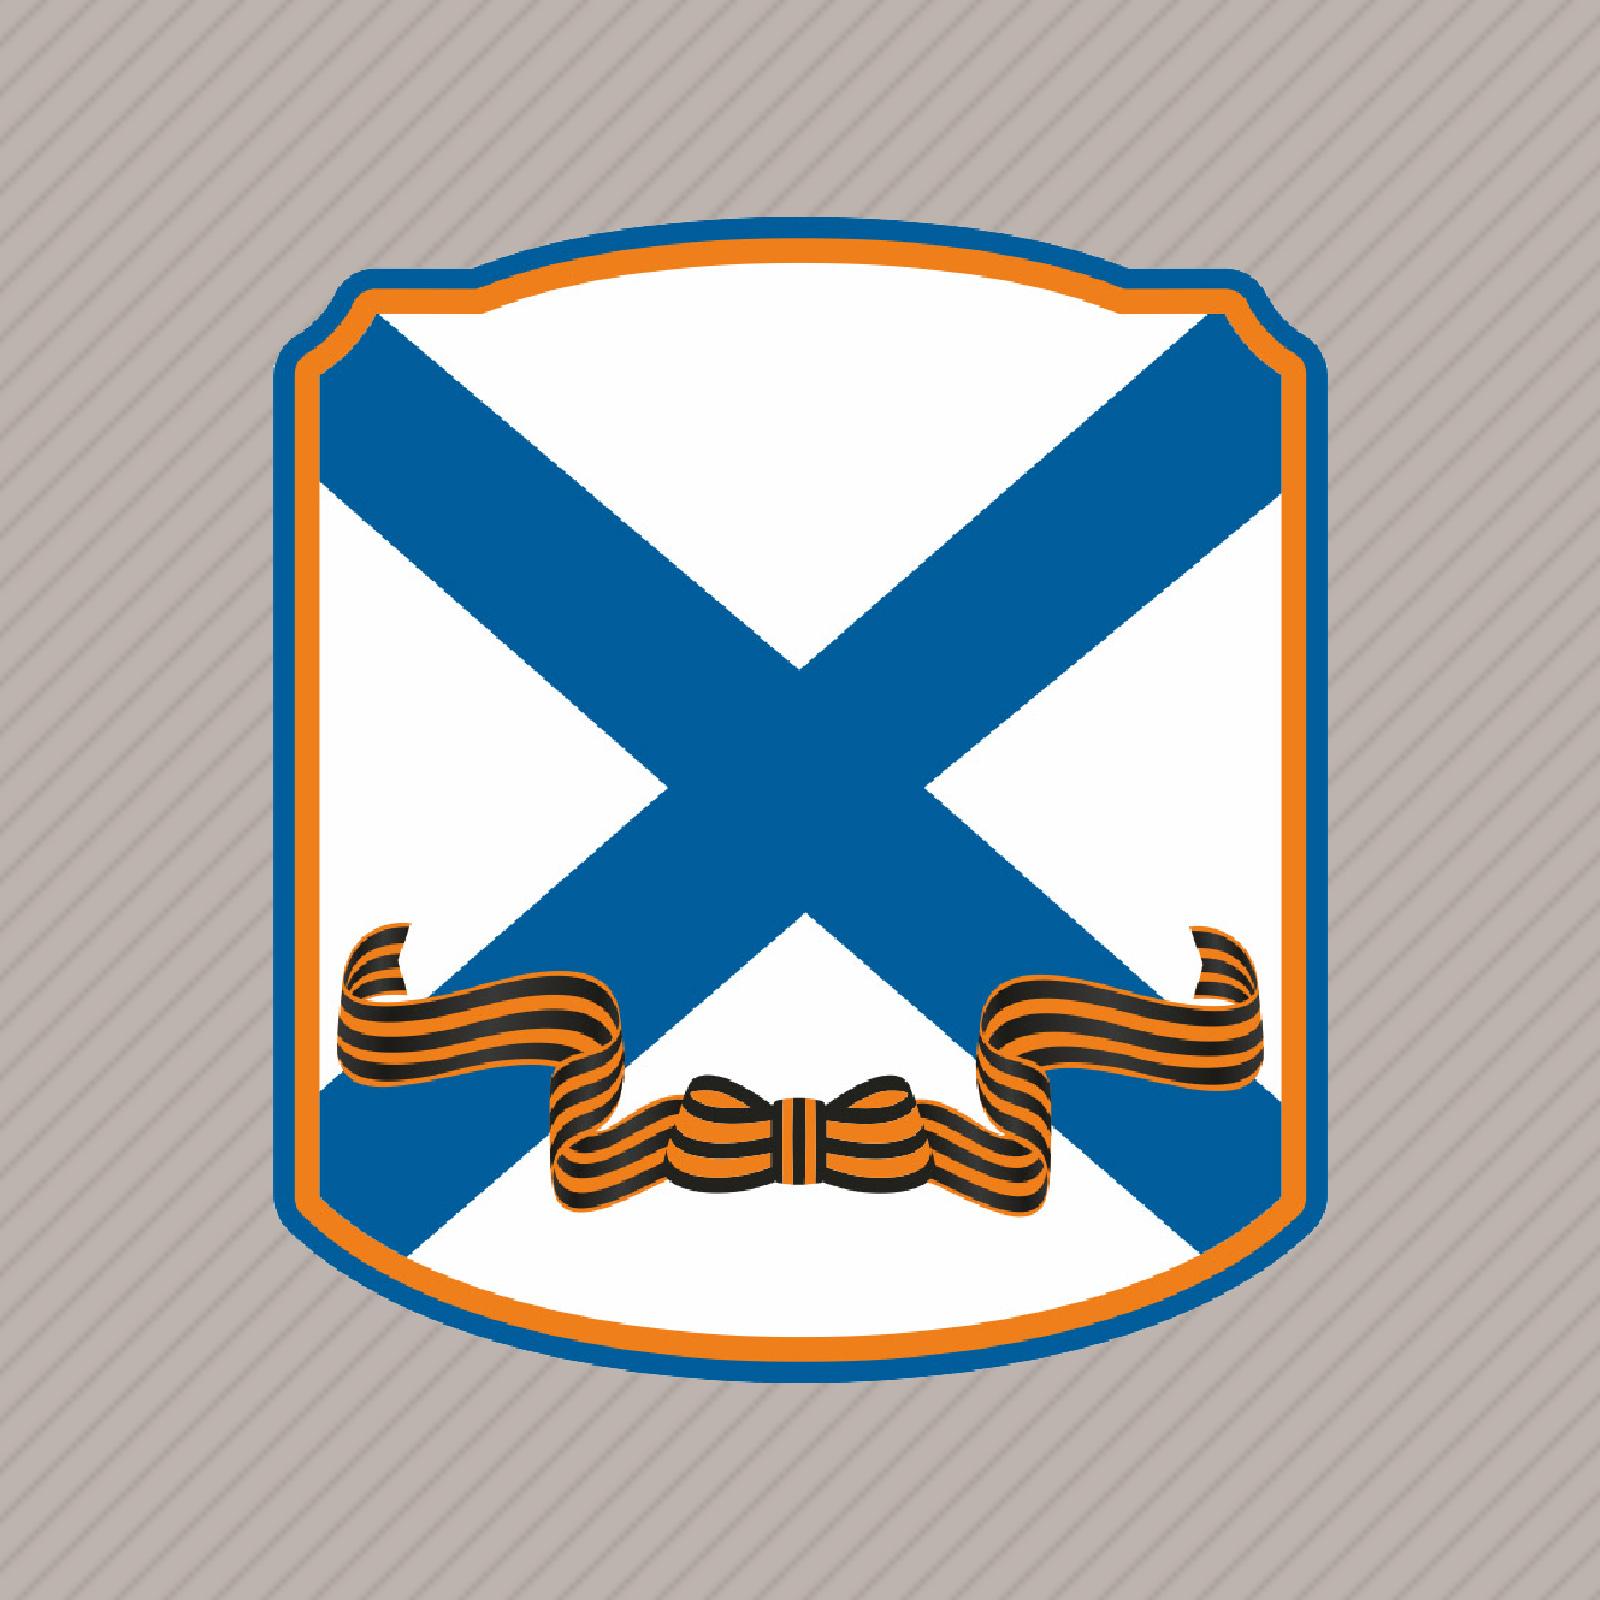 Бежевая бейсболка Гвардейский Андреевский флаг